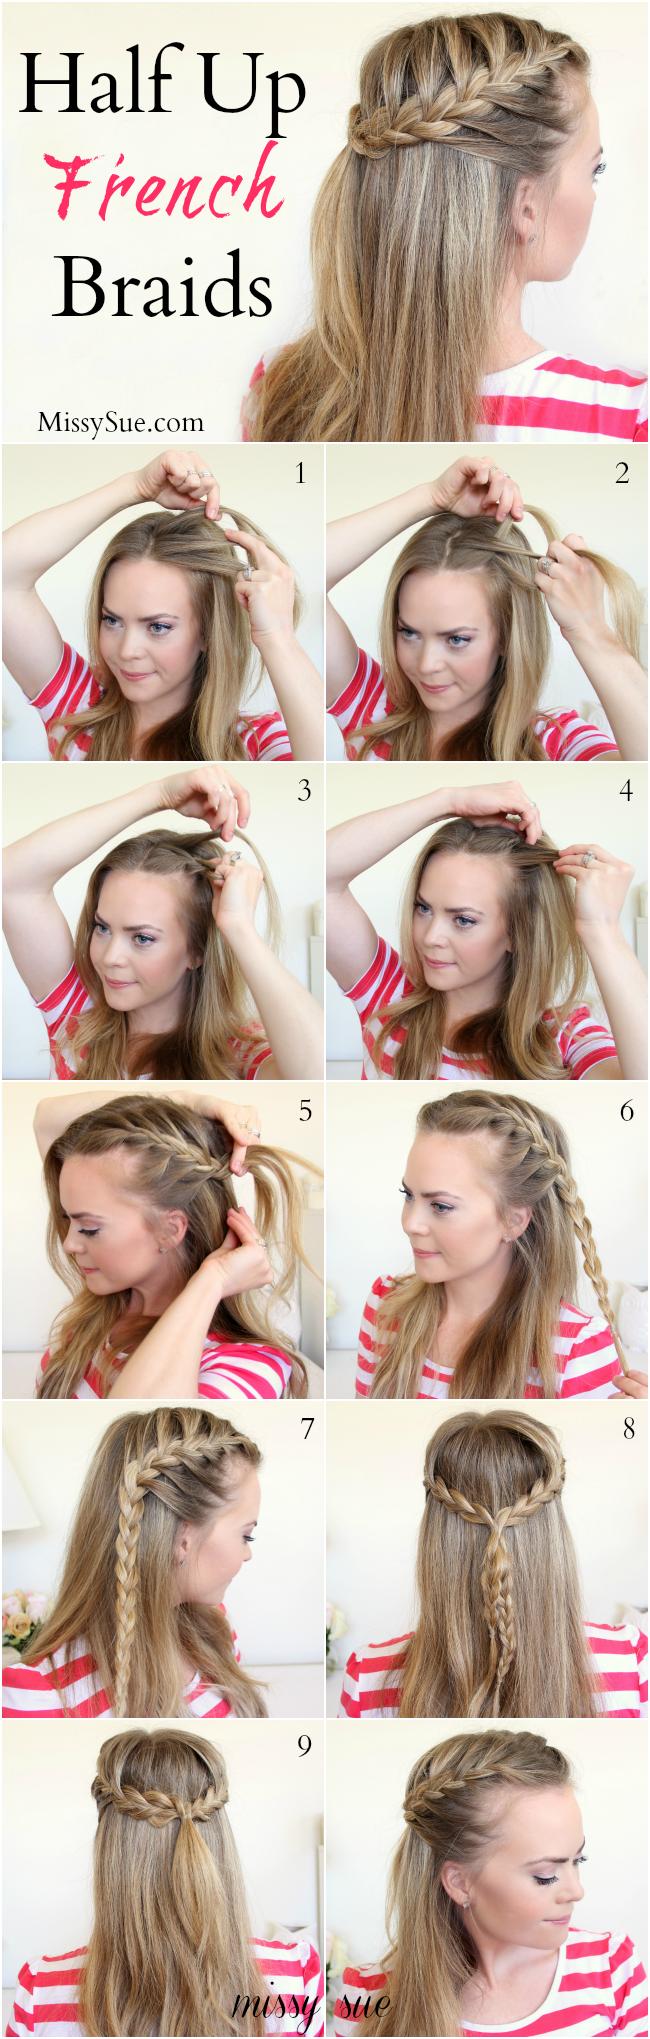 Top Hair tutorials